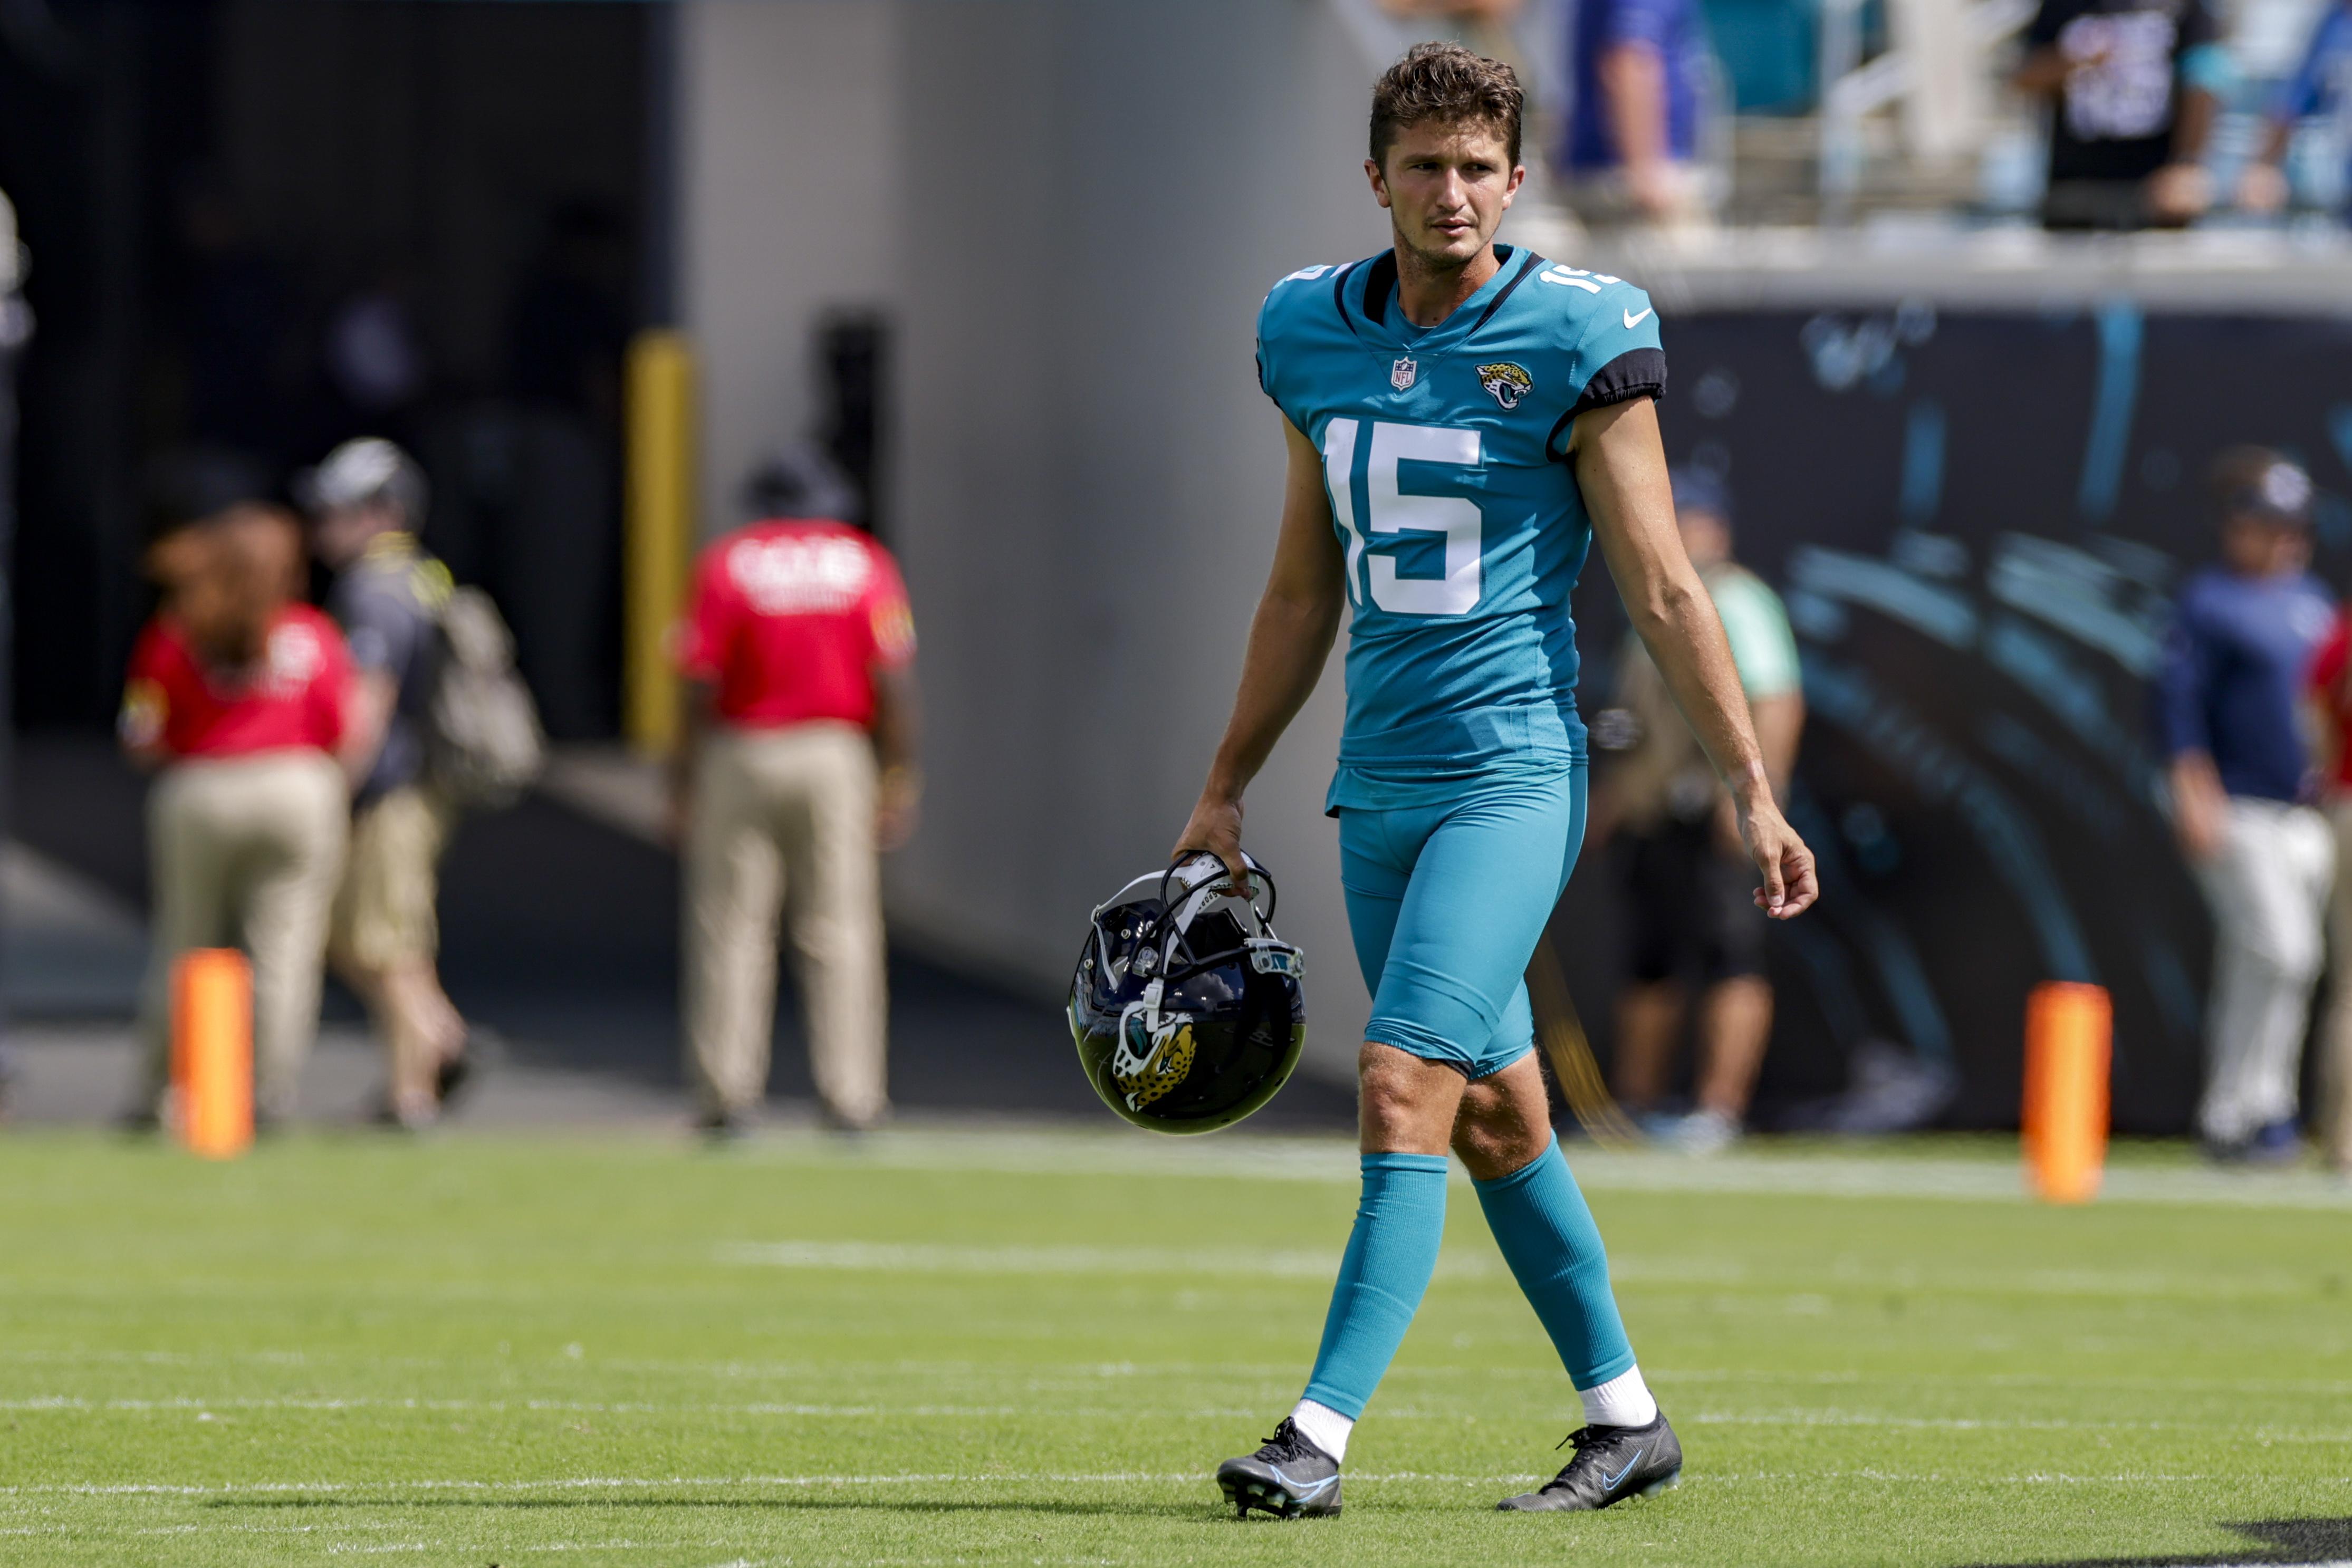 NFL: OCT 10 Titans at Jaguars